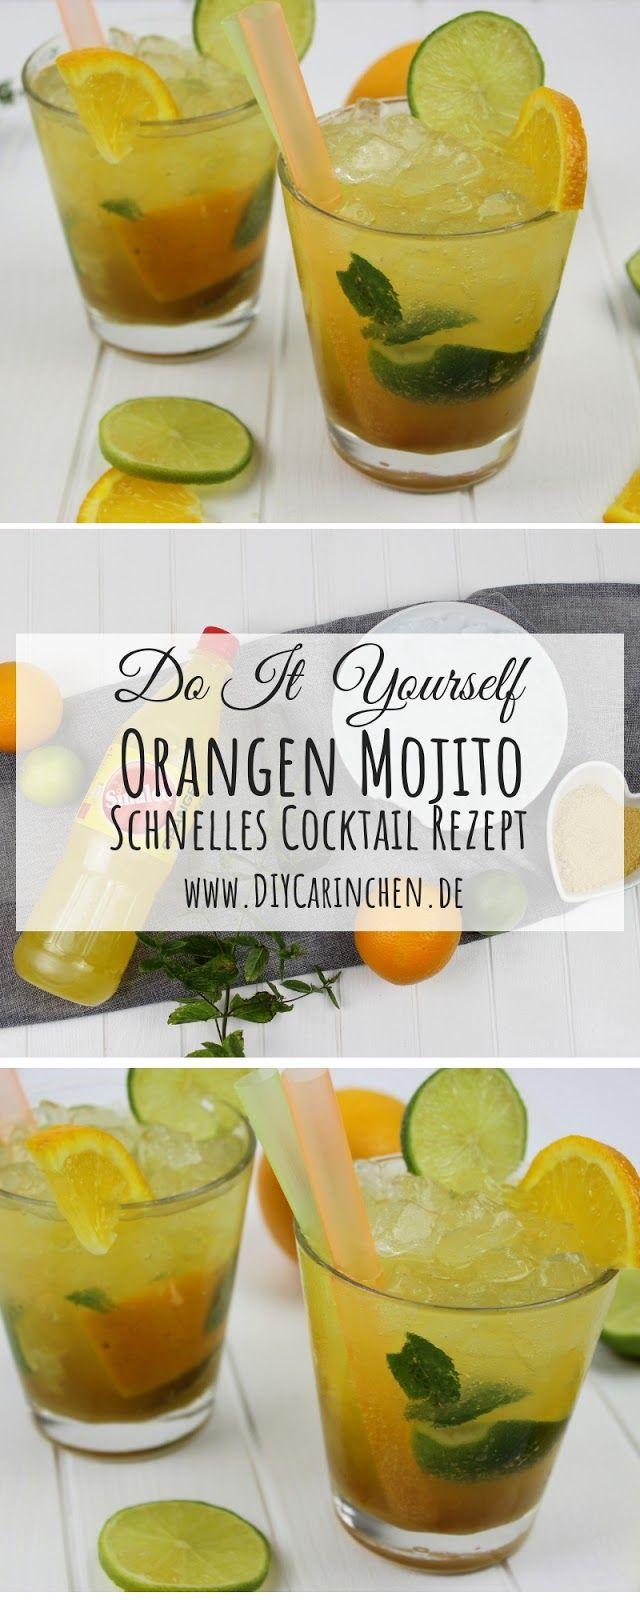 Photo of Simple recipe: Super delicious orange mojito cocktail made quickly